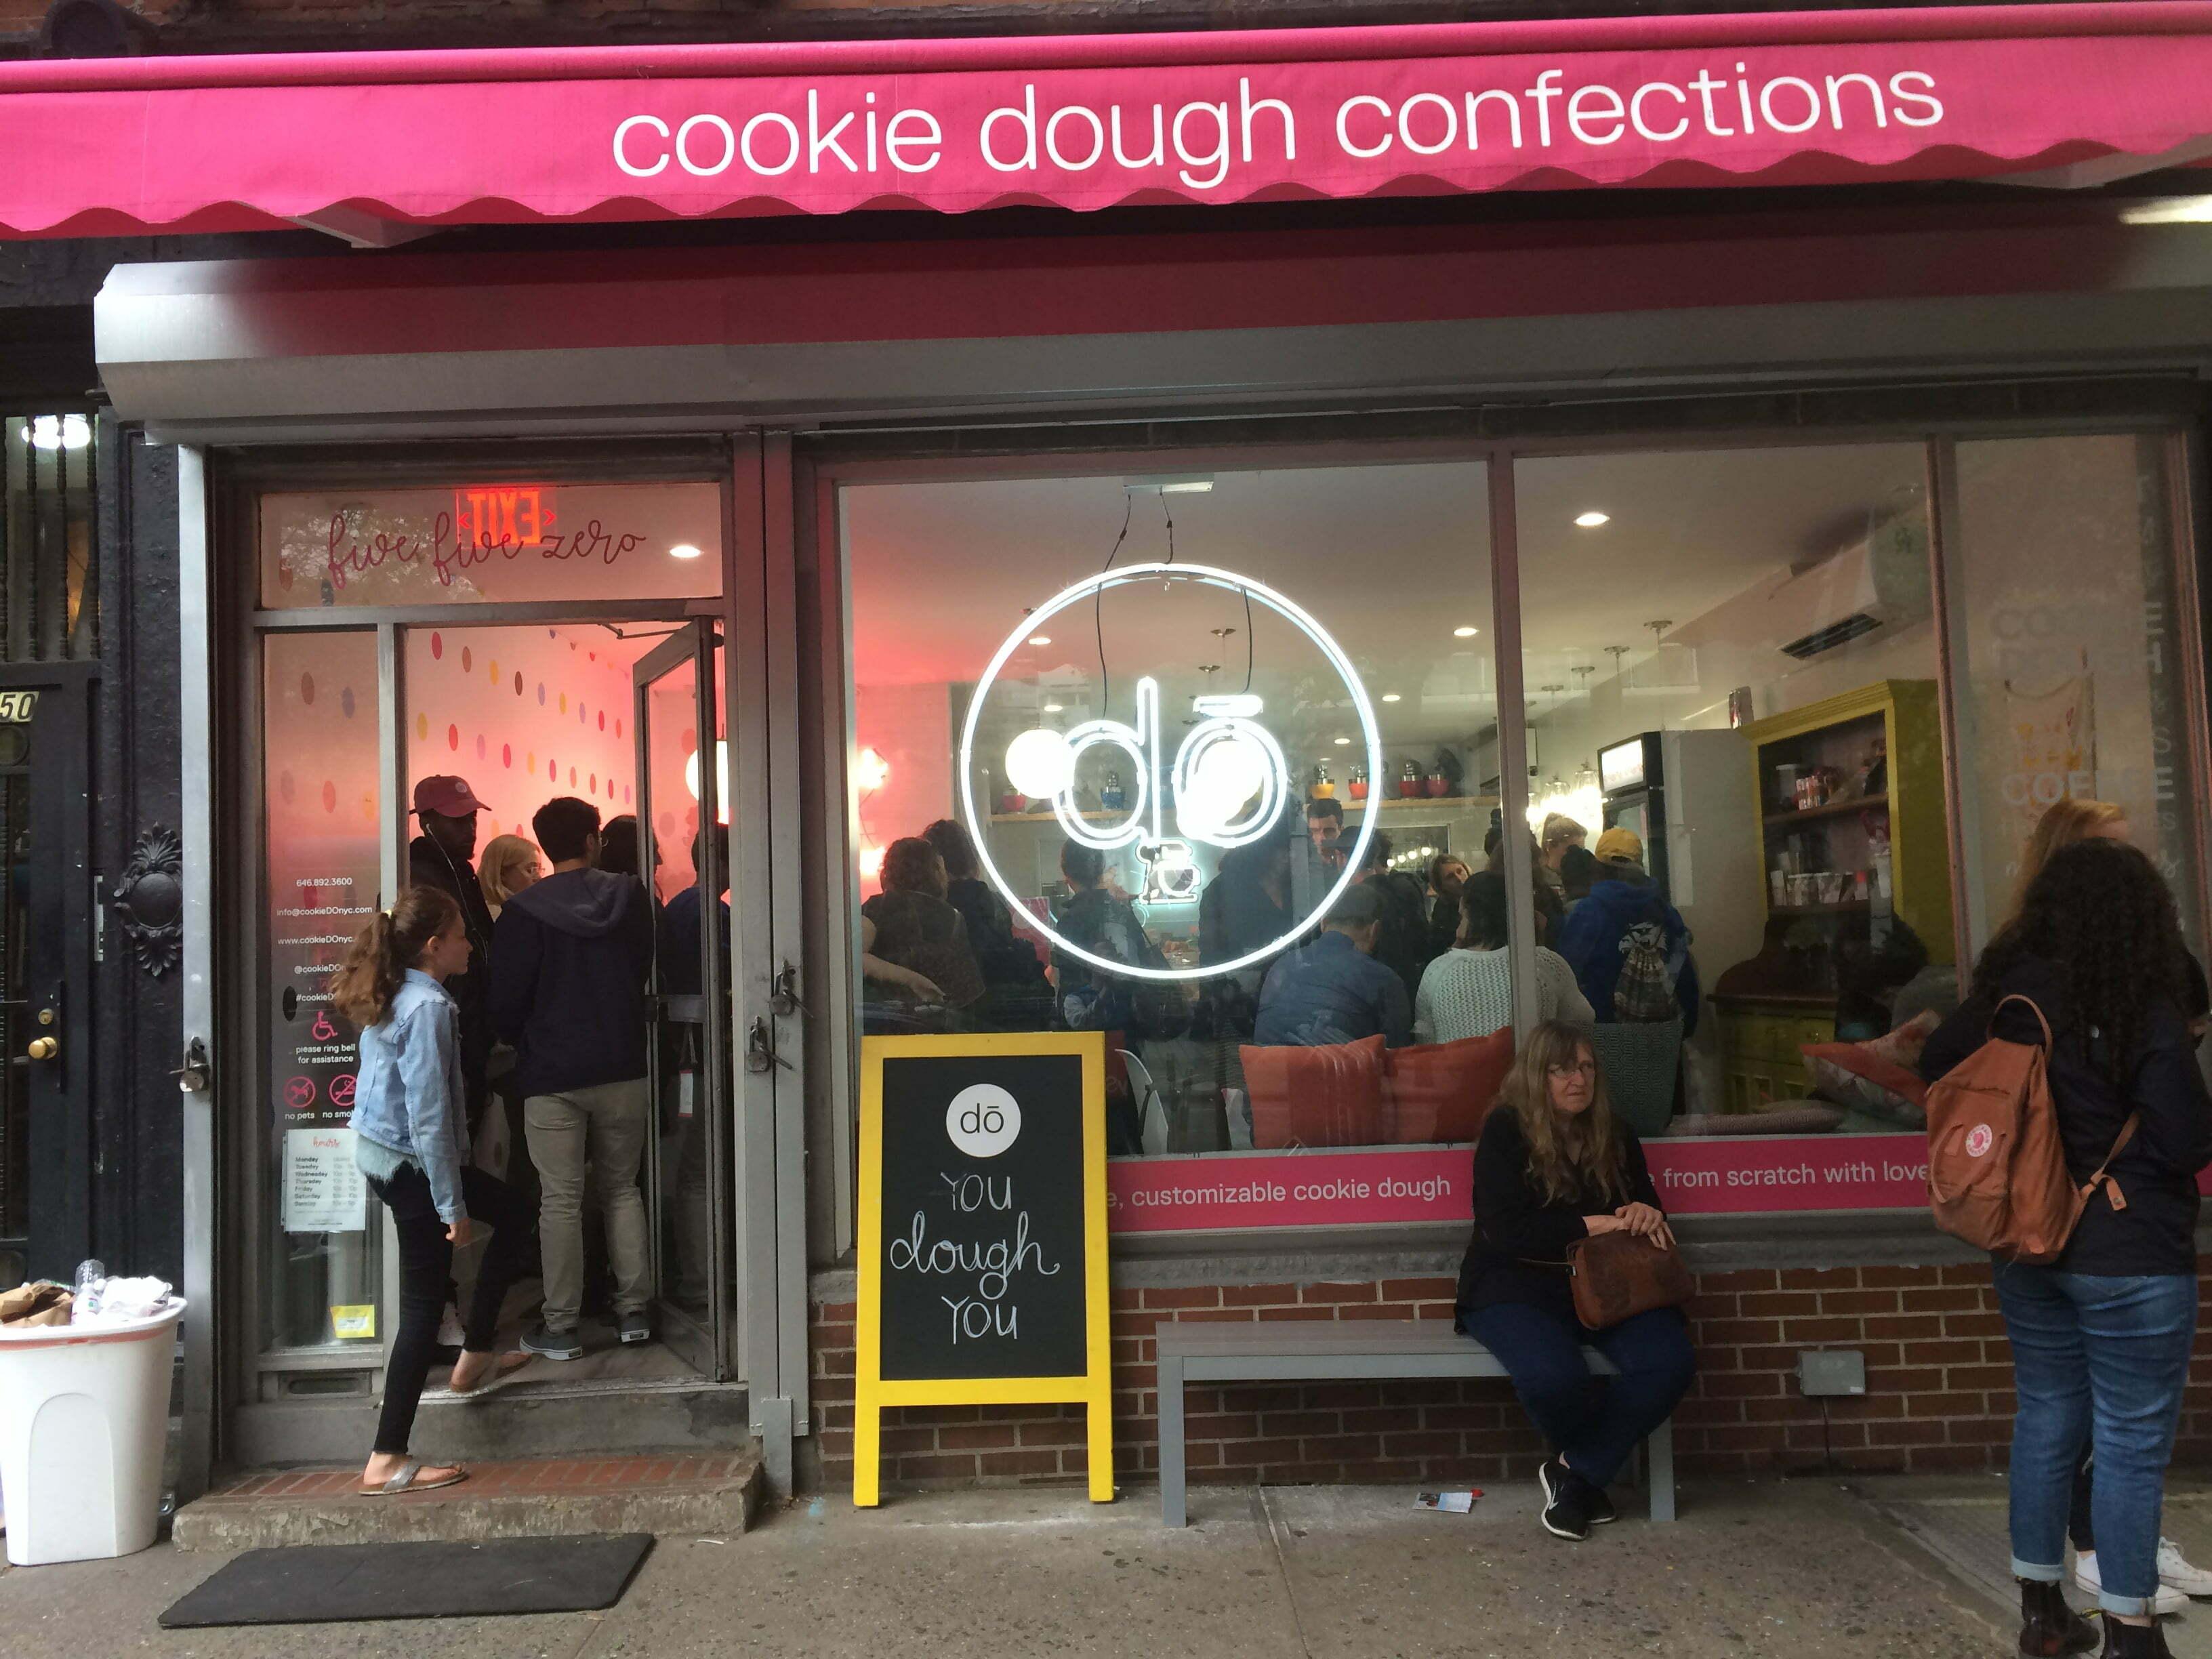 cookie dough confection